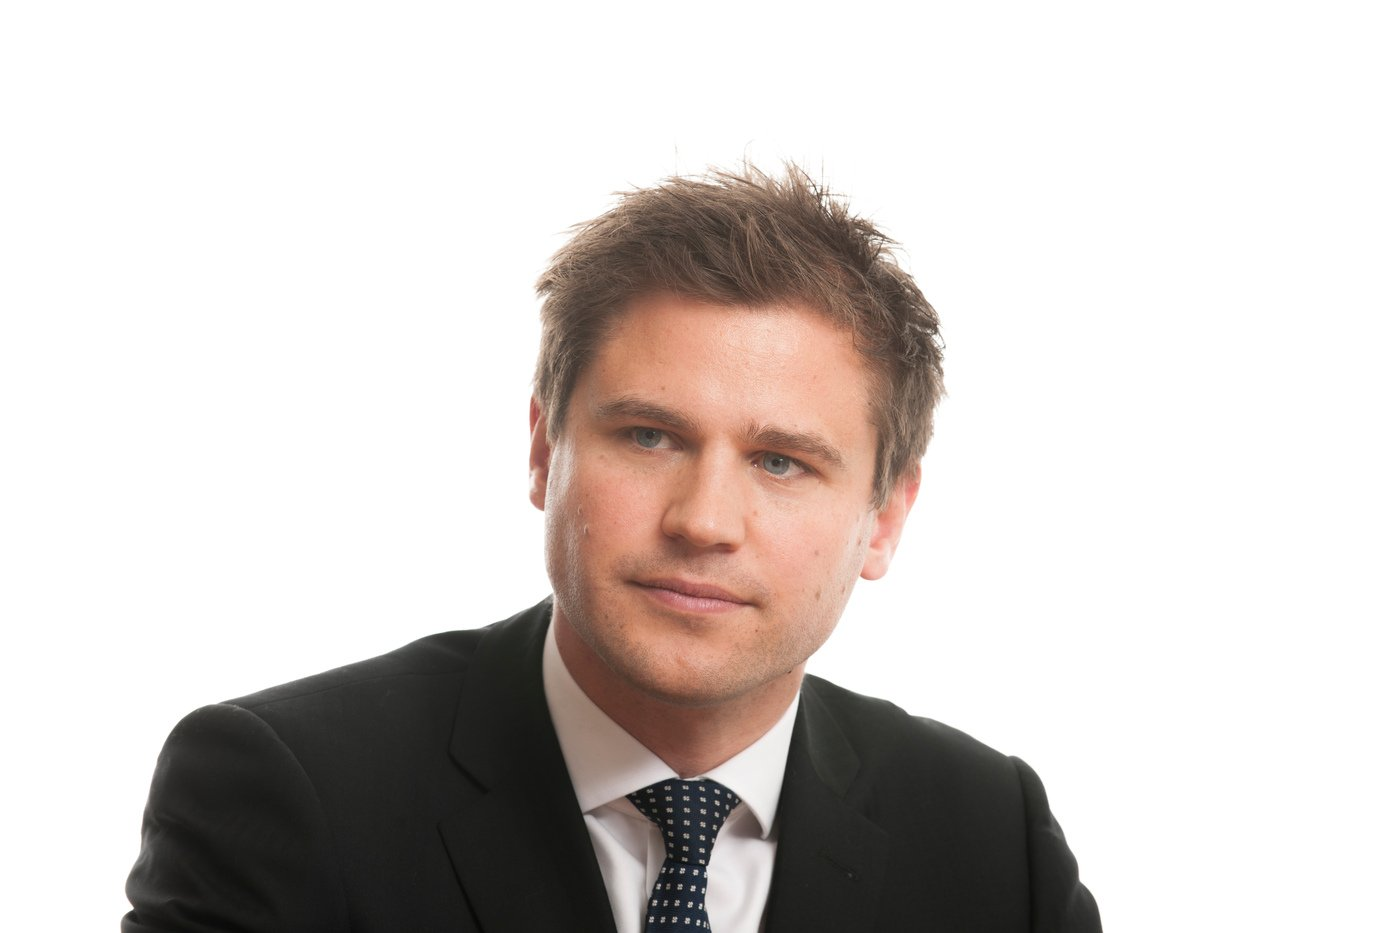 Matt Barker